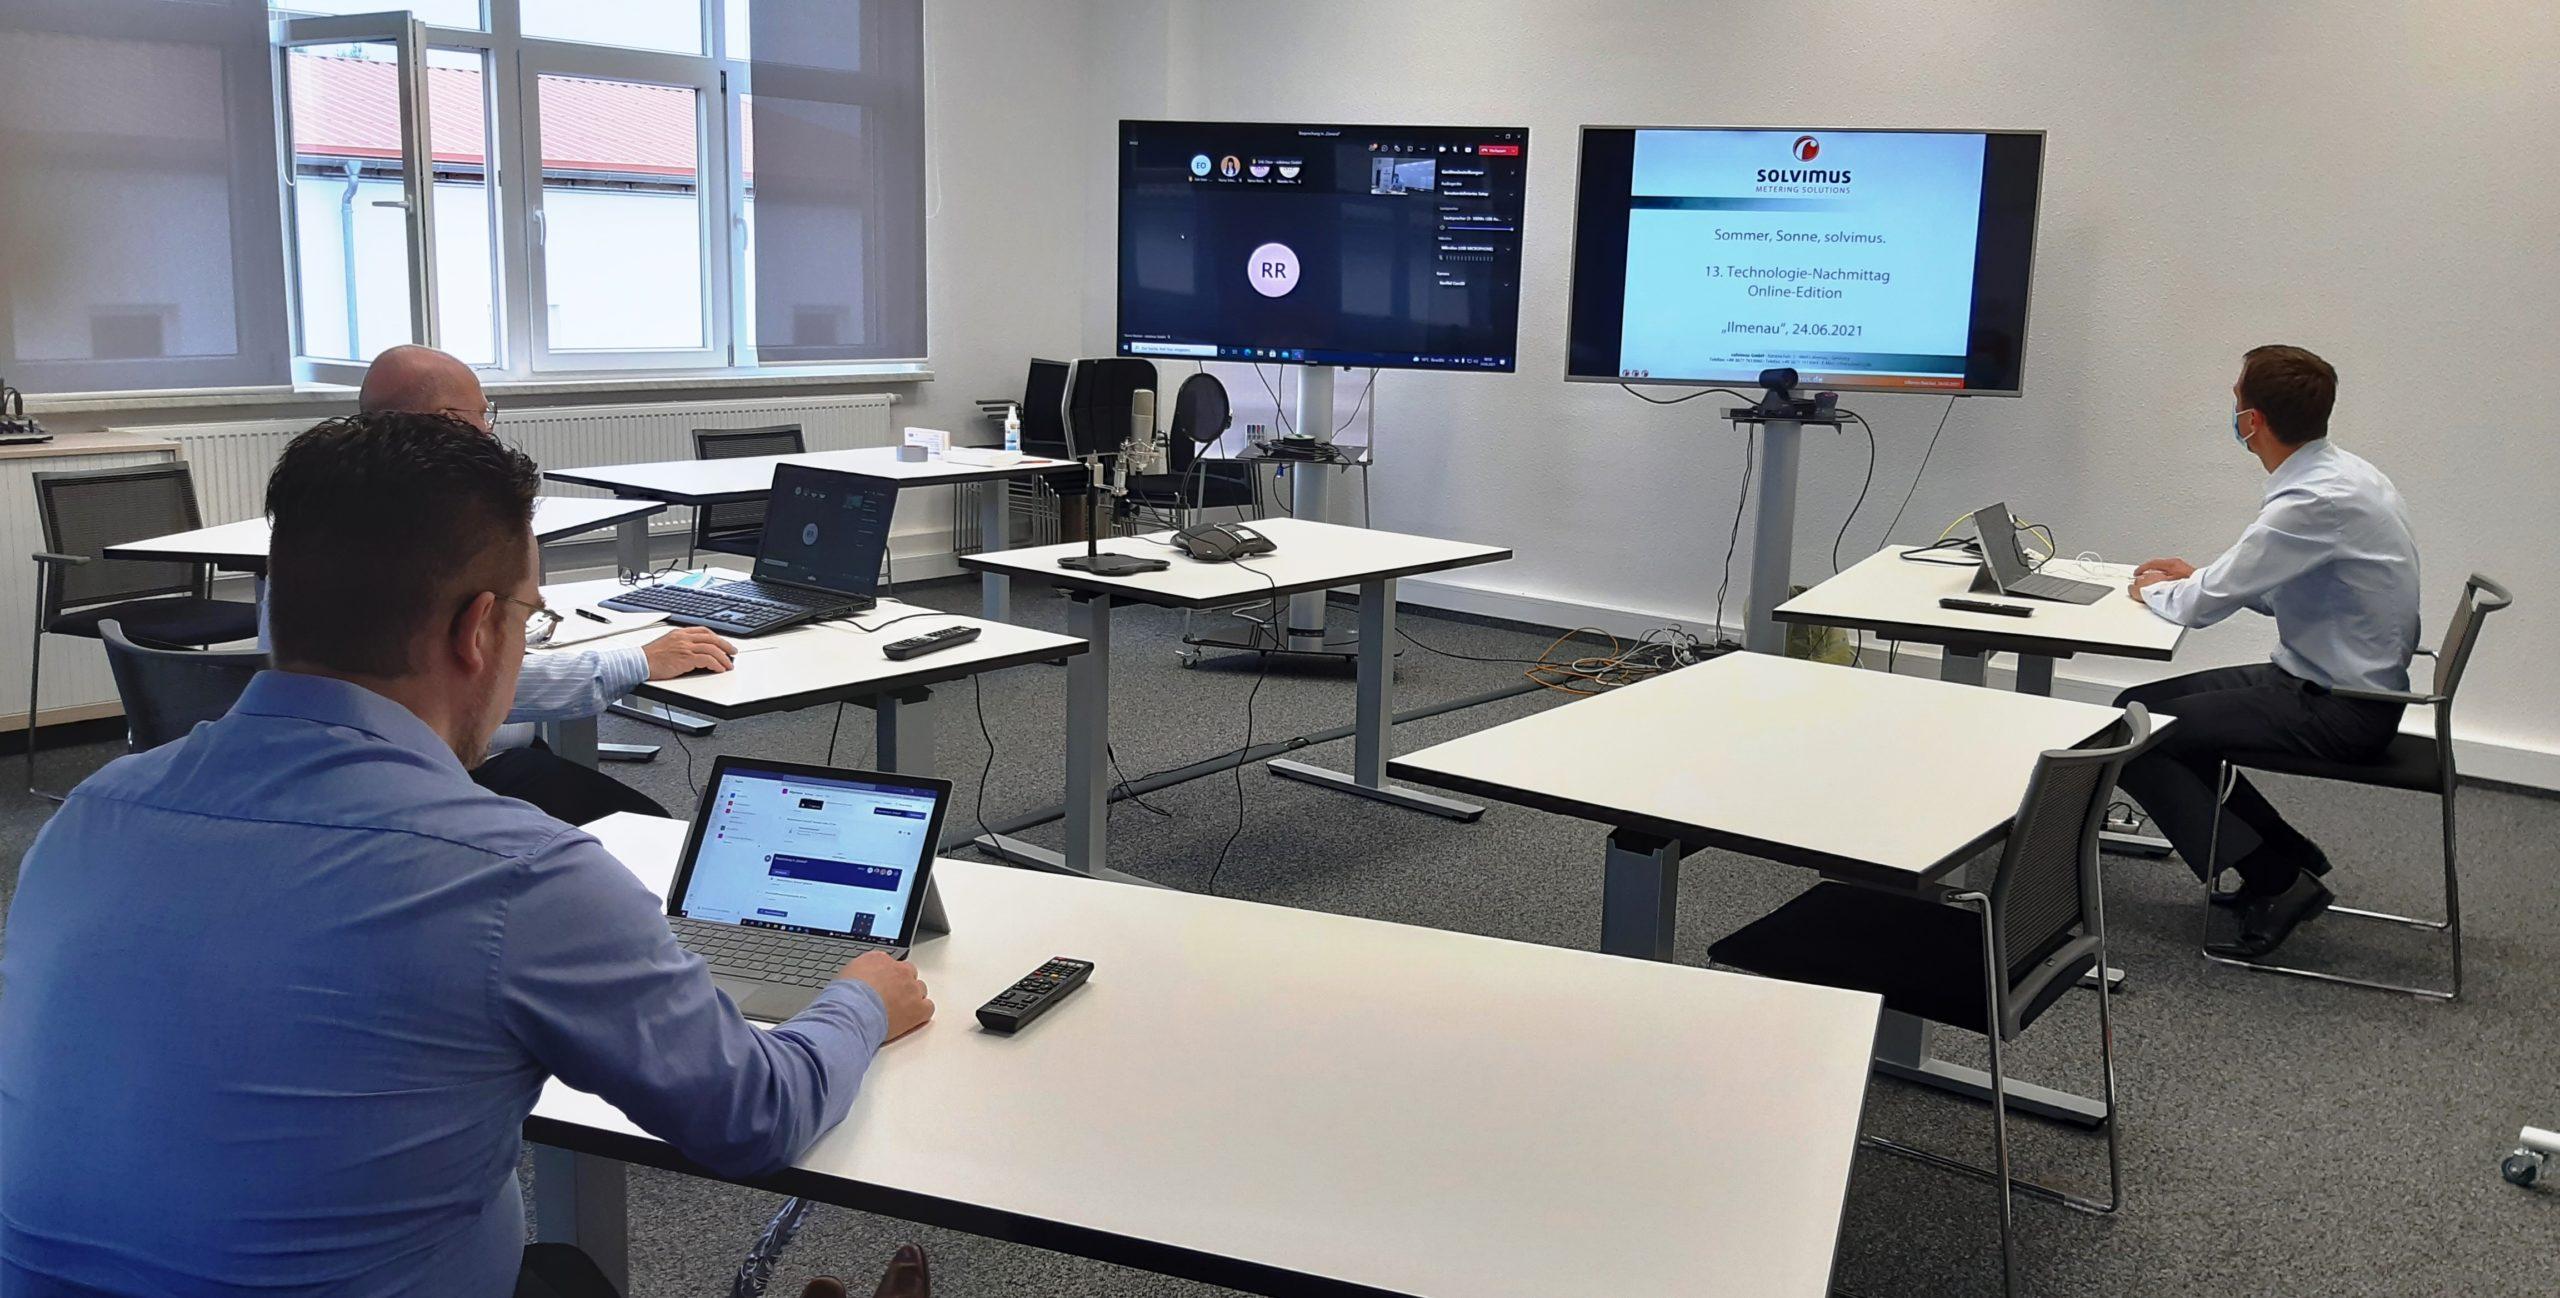 Technologie-Nachmittag 2021 online